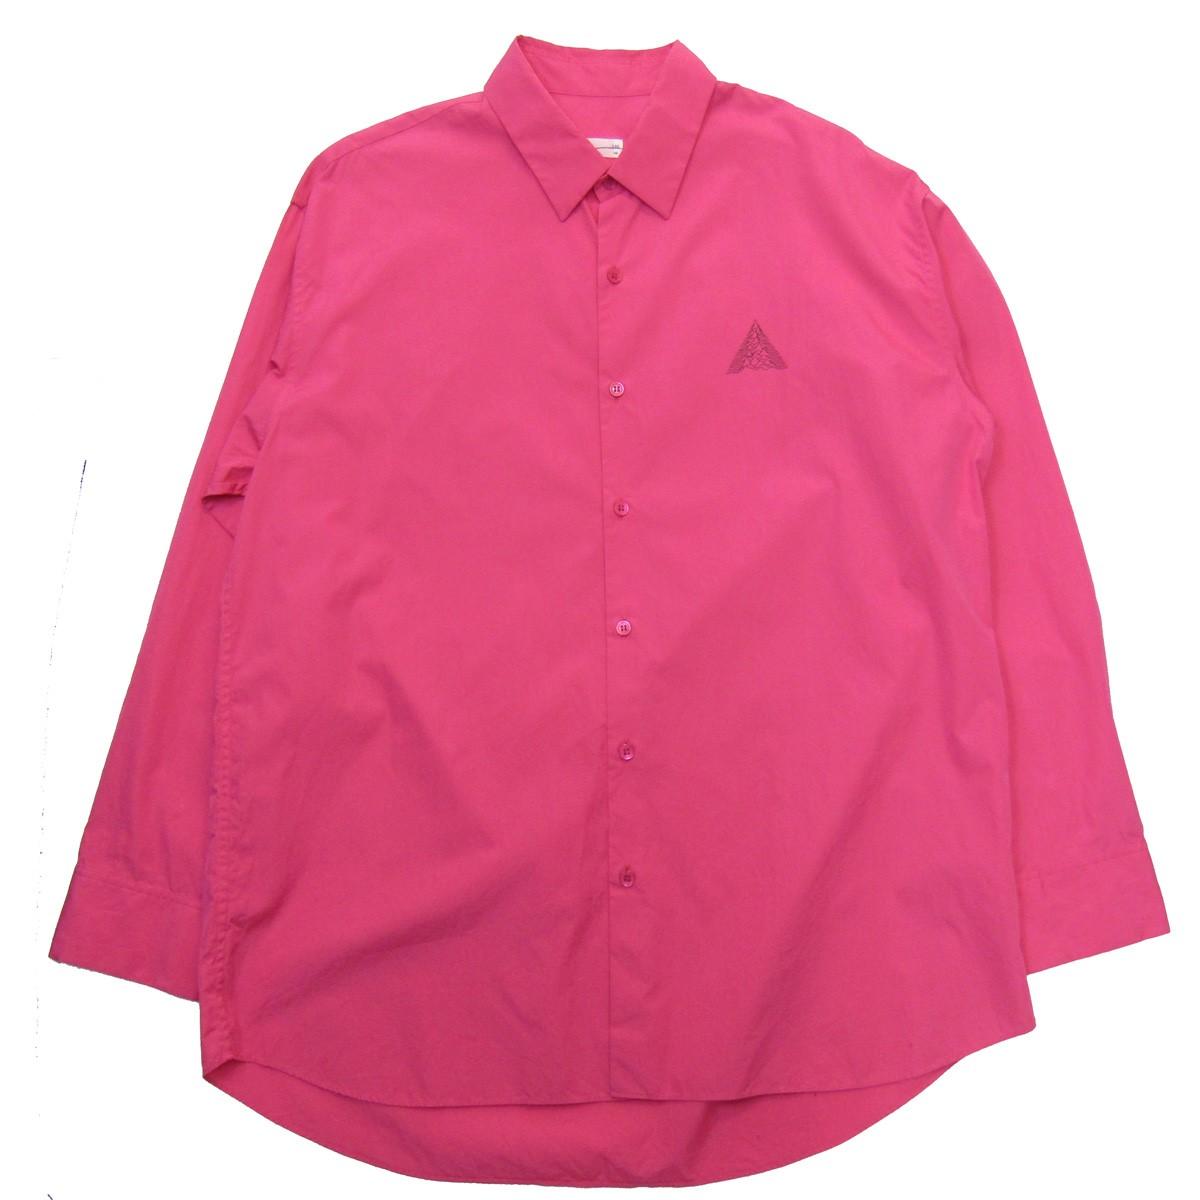 【中古】LAD MUSICIAN 19SS ビッグシャツ ピンク サイズ:46 【140220】(ラッドミュージシャン)